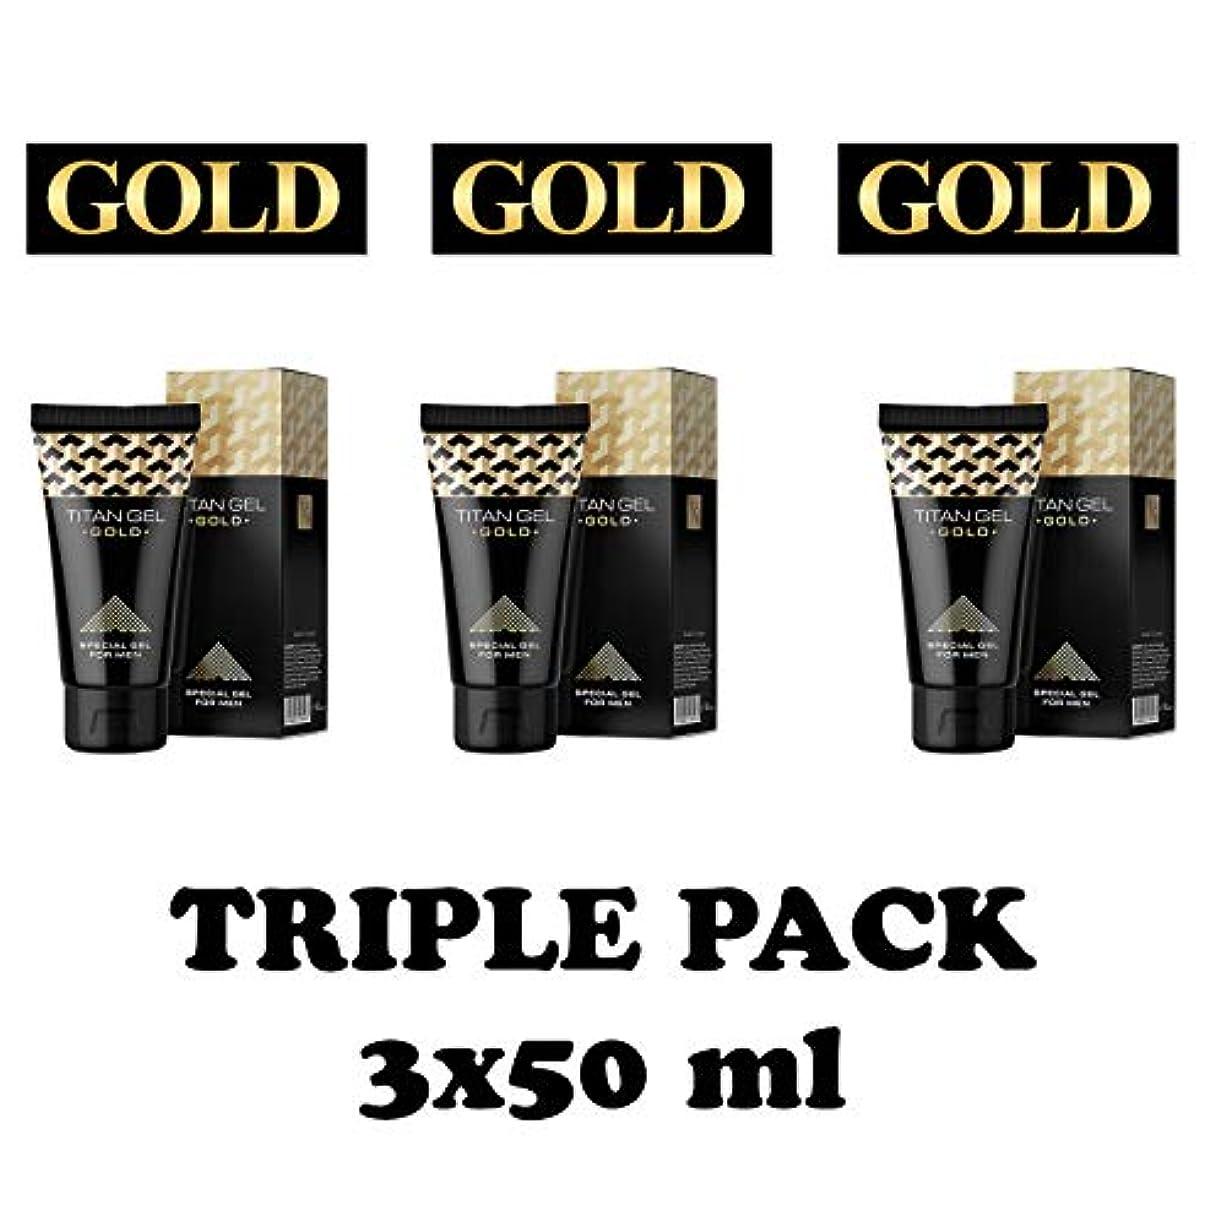 撤退歯痛バックグラウンドタイタンジェル ゴールド Titan gel Gold 50ml 3箱セット 日本語説明付き [並行輸入品]